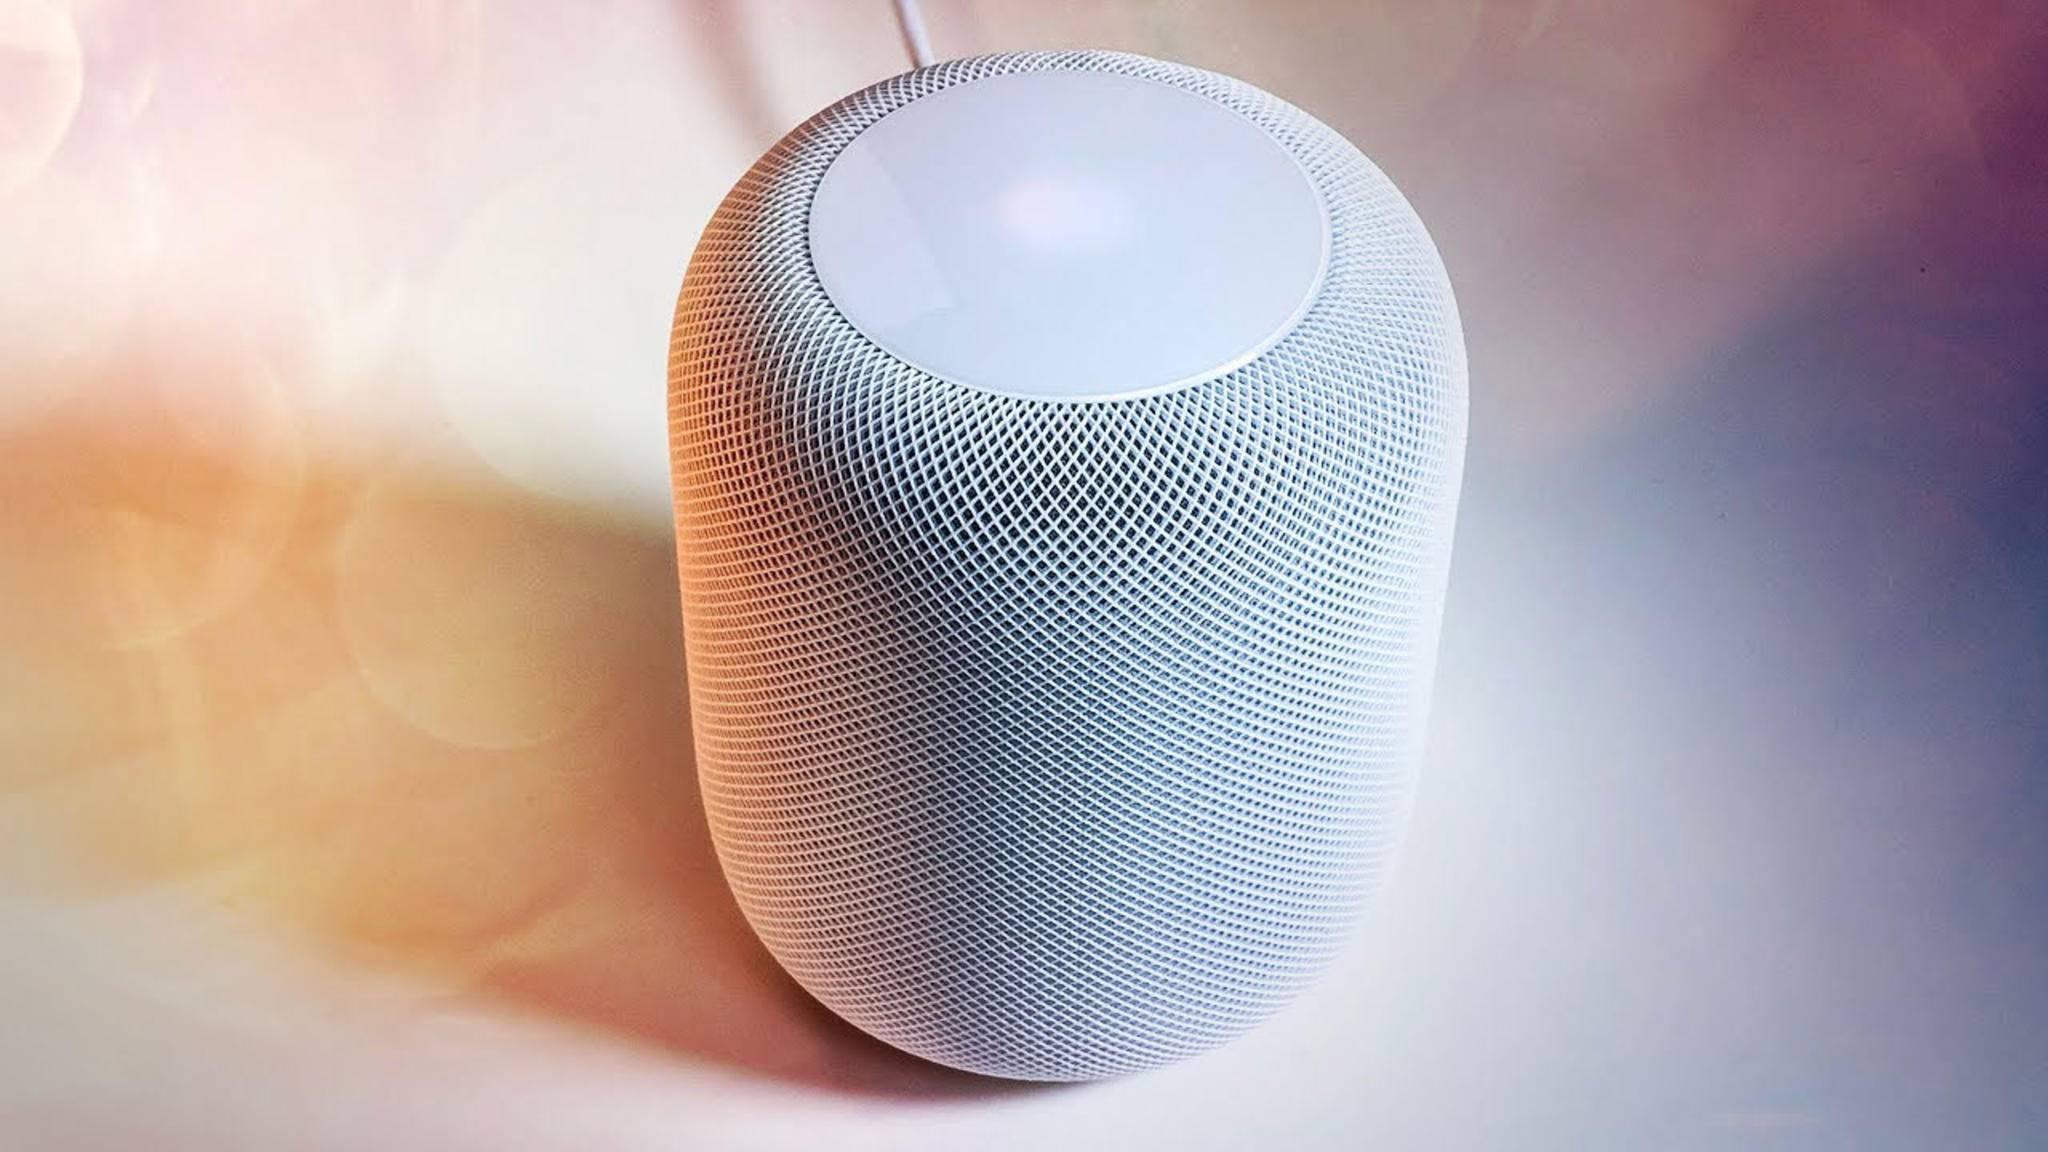 Der HomePod ist gut, hat aber noch einige Baustellen, an denen Apple schleunigst arbeiten sollte.